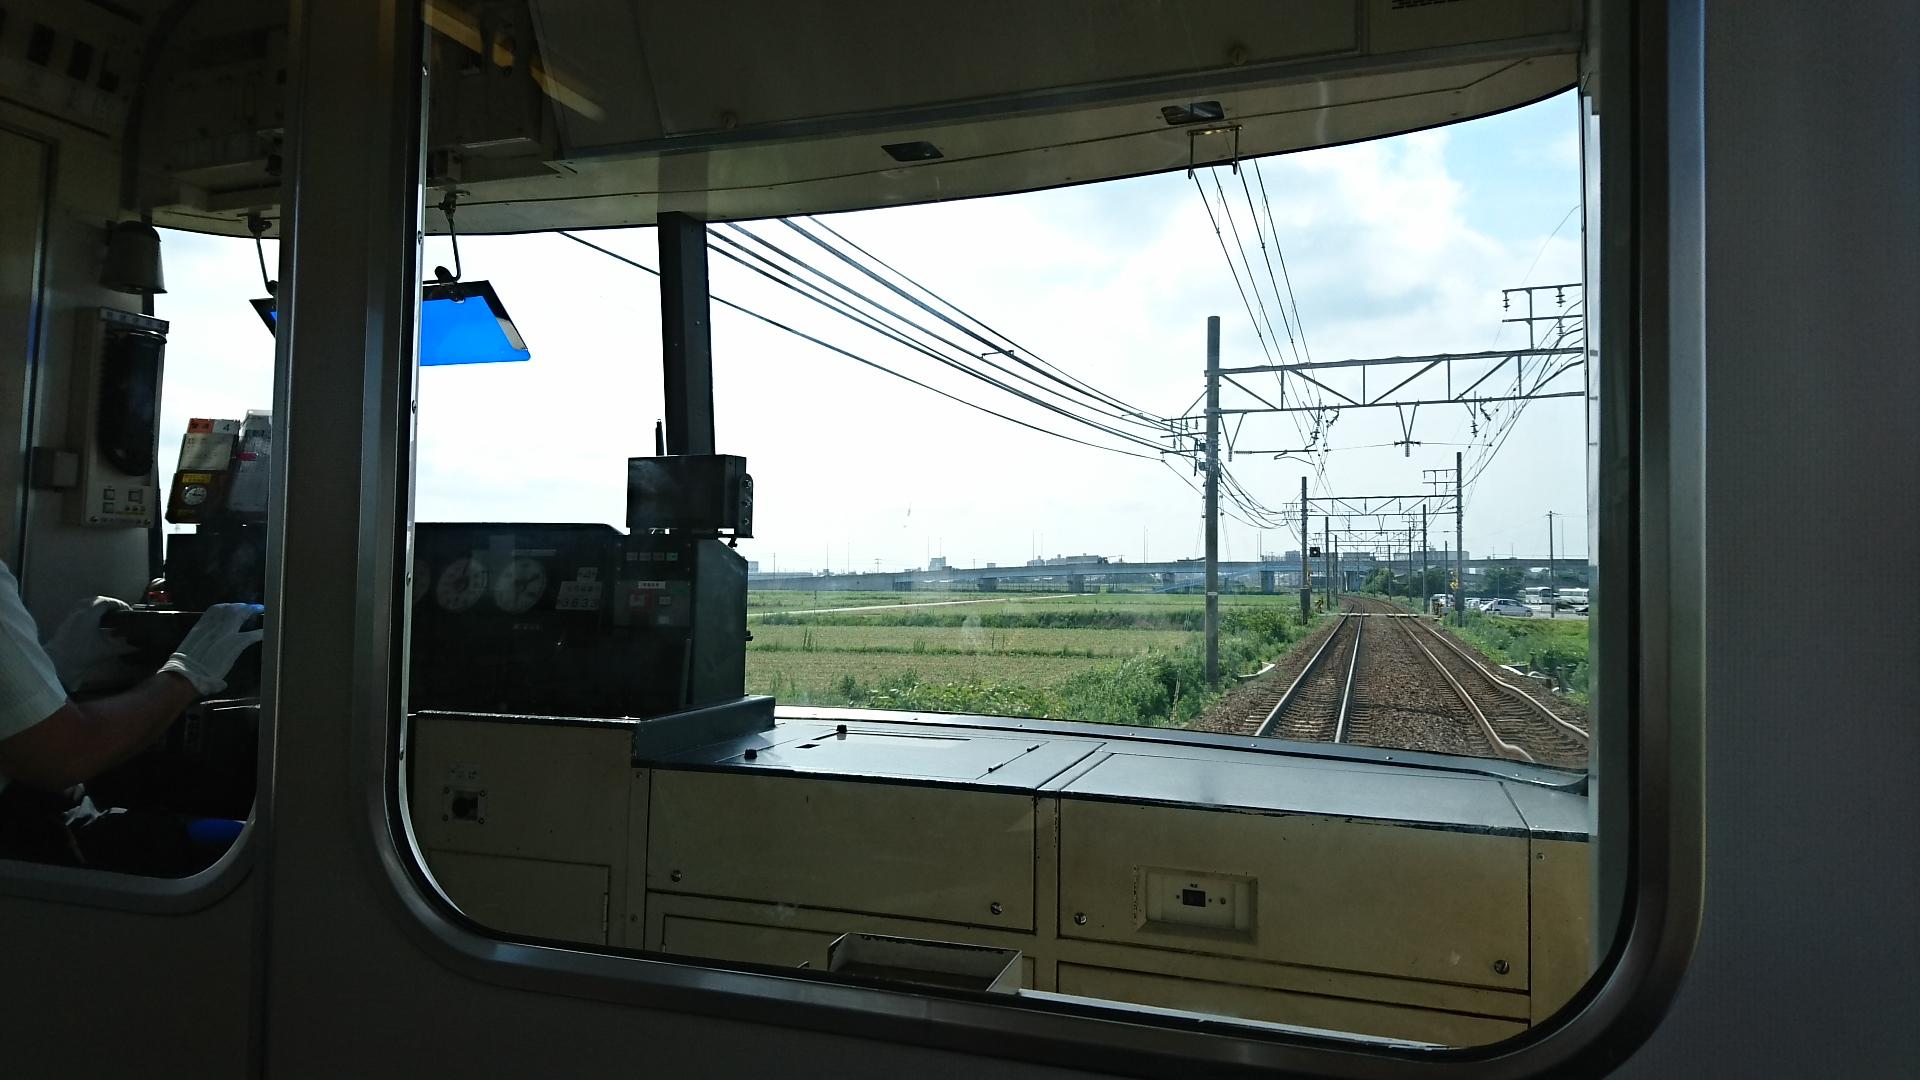 2017.7.13 名鉄 (36) 犬山いきふつう - 宇頭-しんあんじょう間 1920-1080